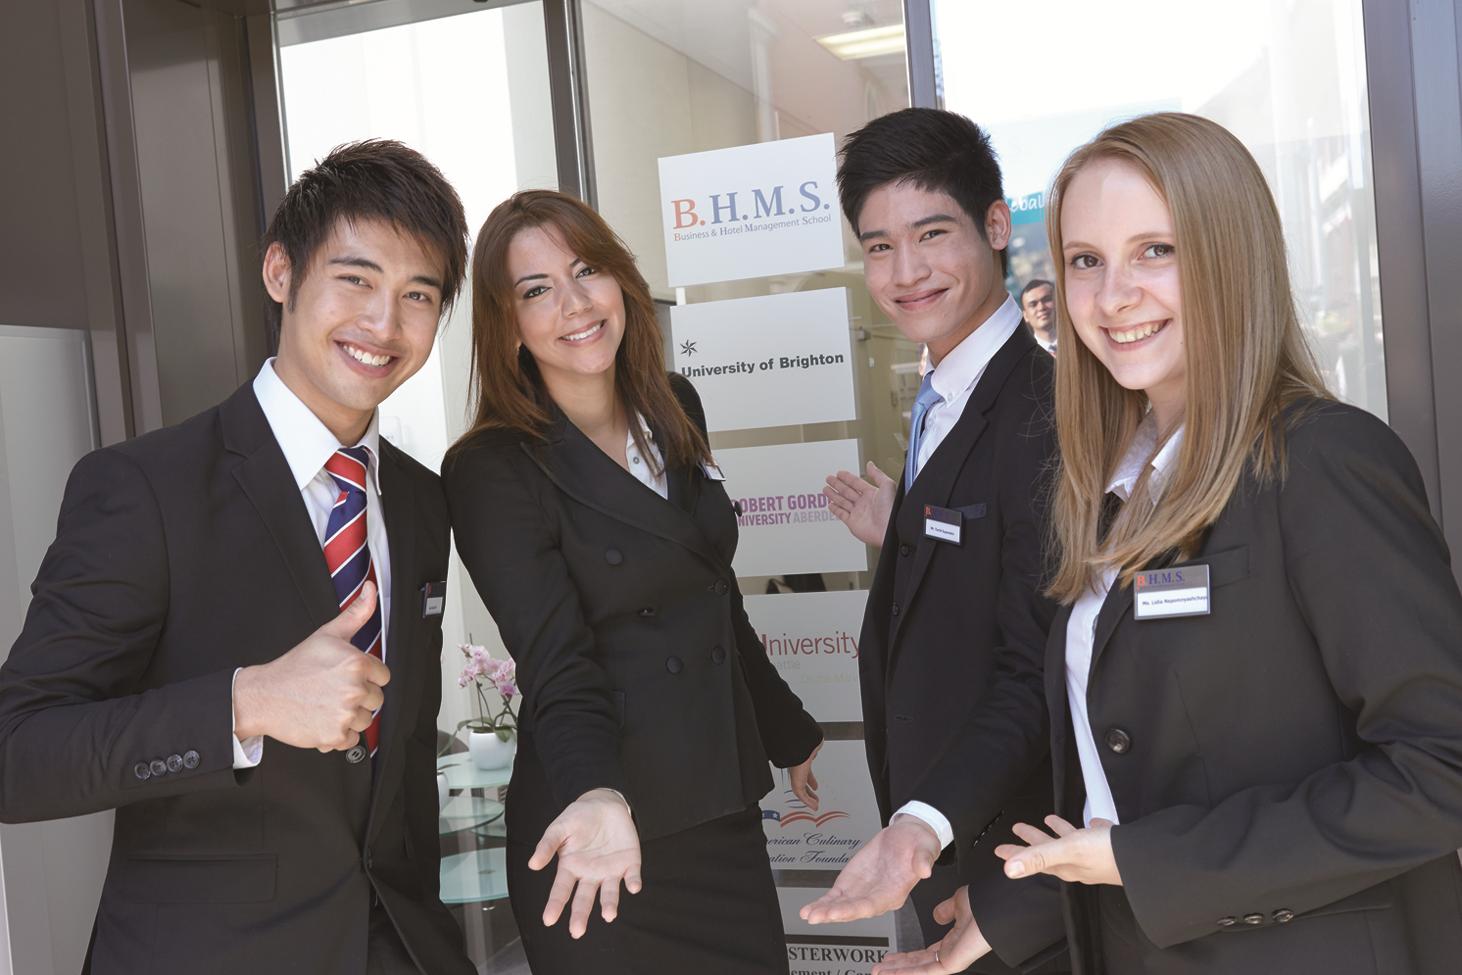 Swissday 2018: Bí quyết thành công trong lĩnh vực Quản lý Nhà hàng Khách sạn cùng BHMS - Ảnh 2.